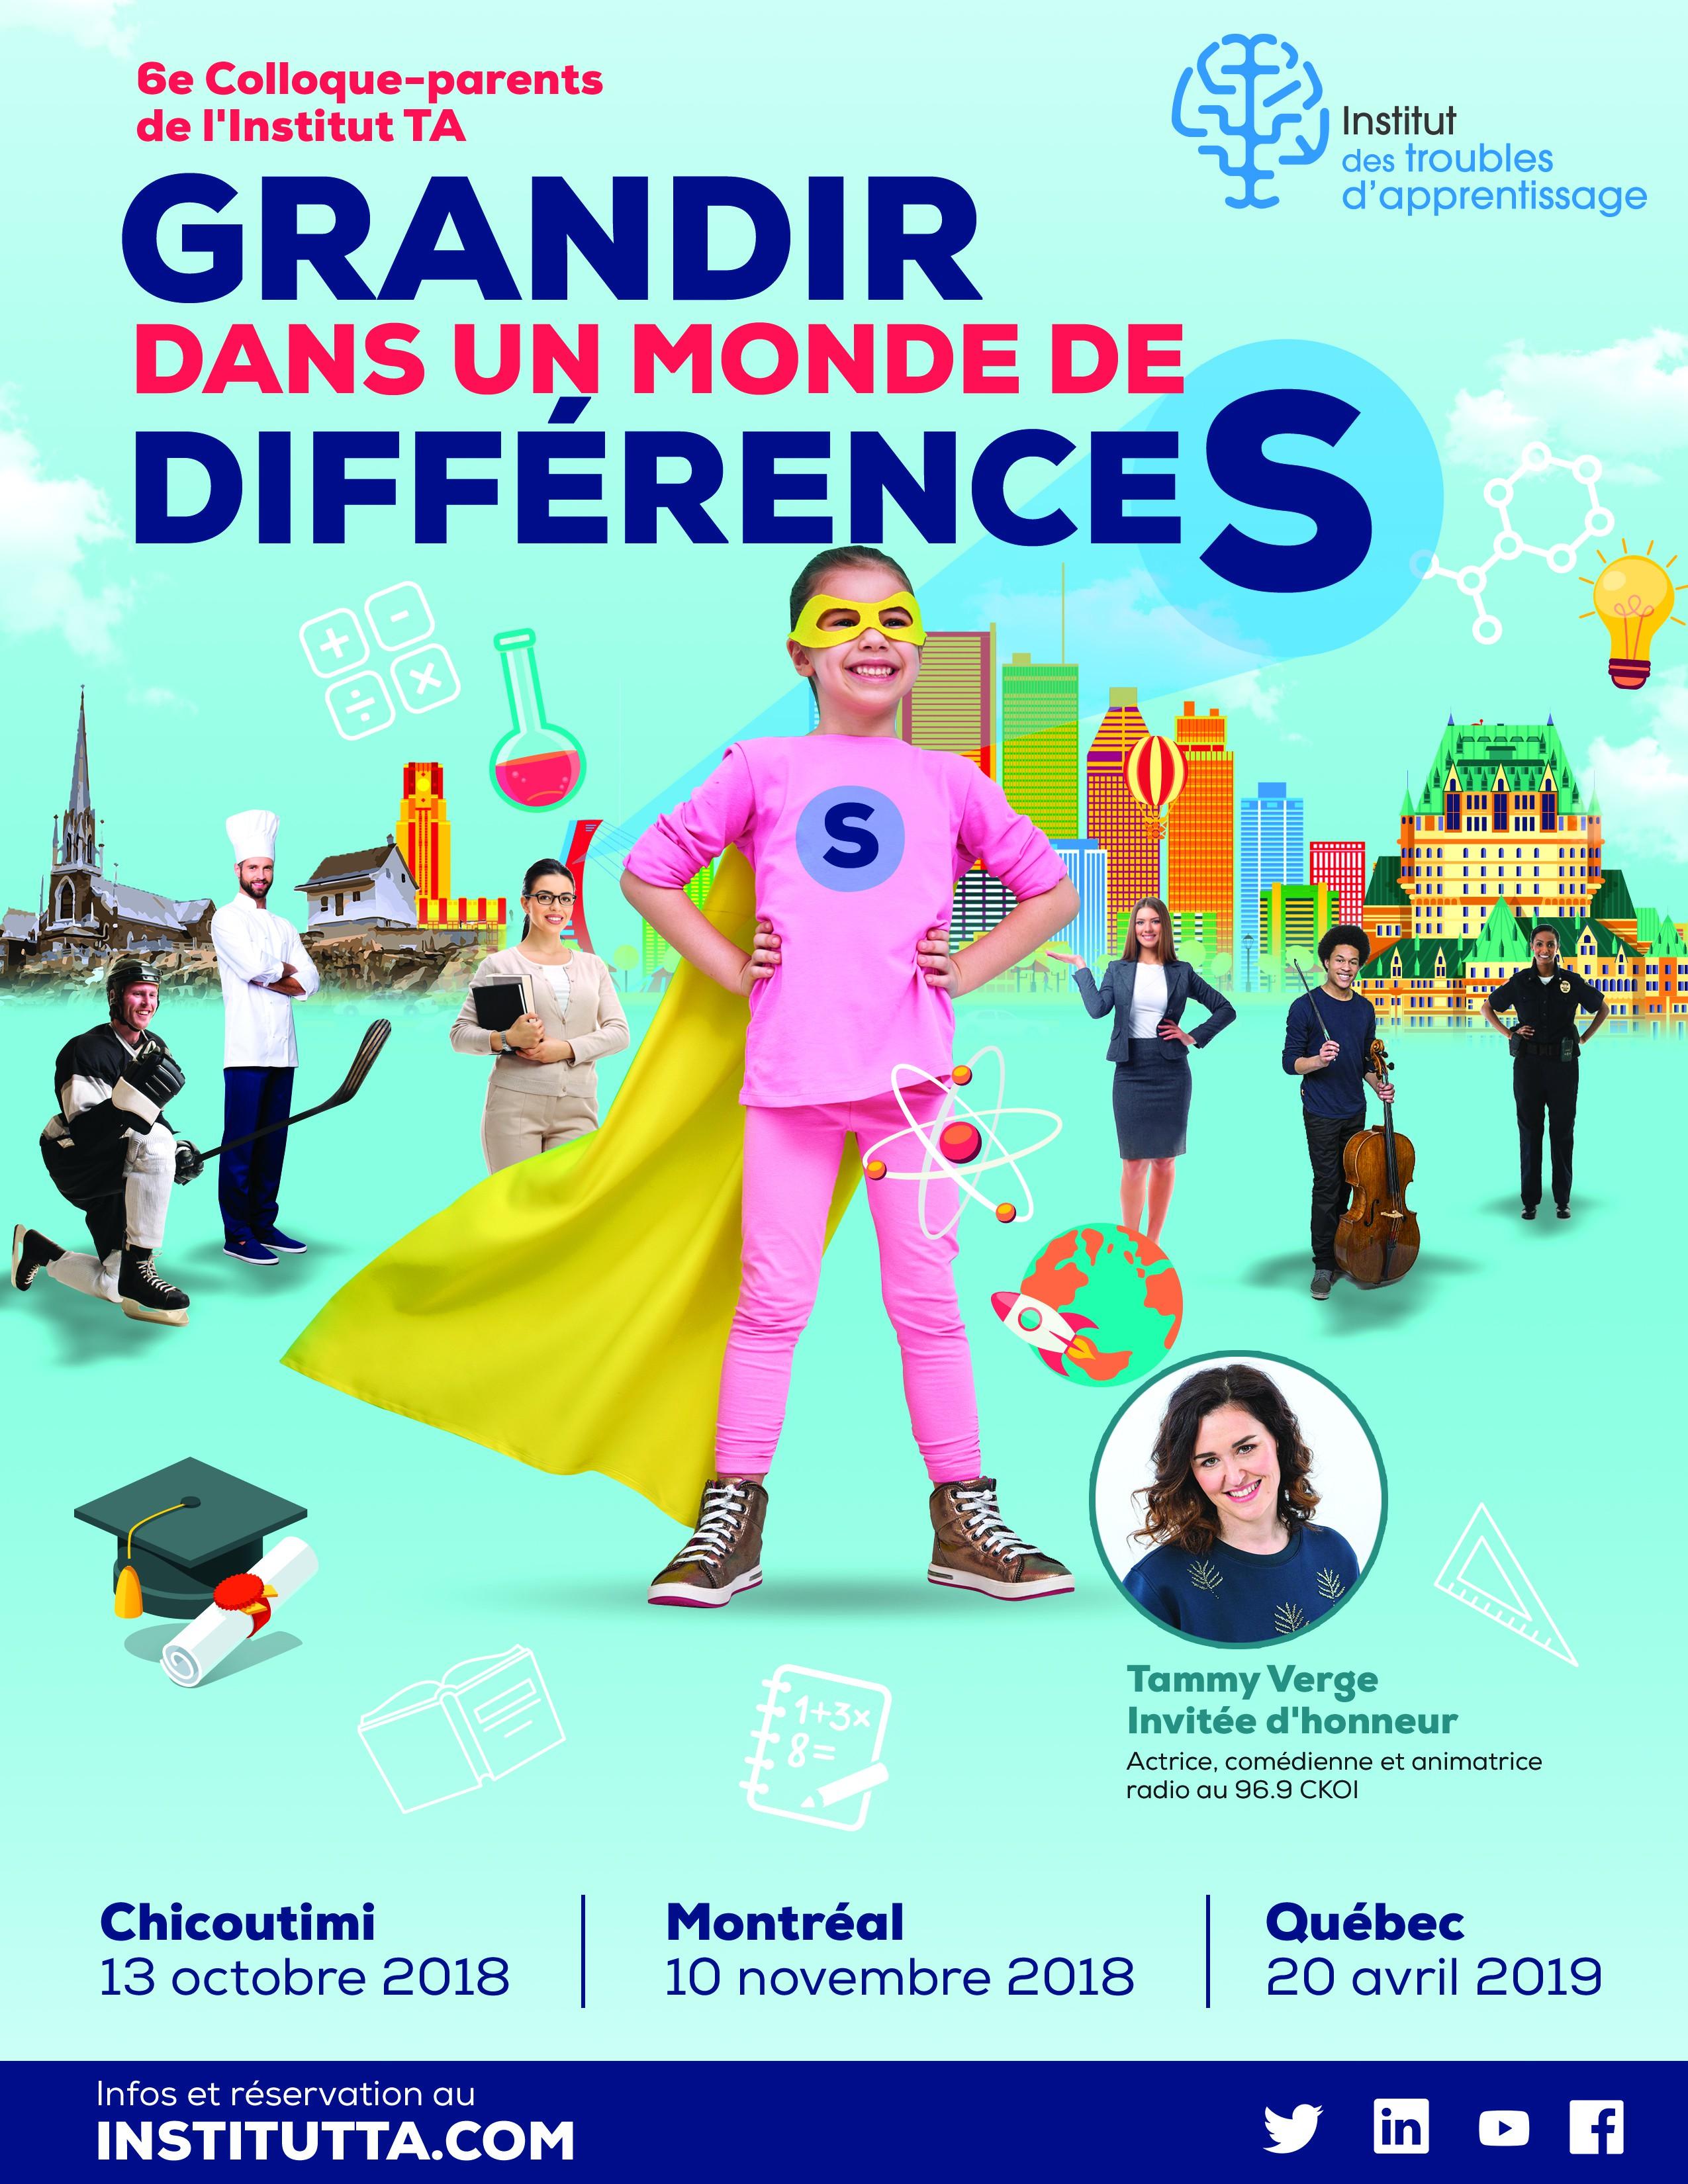 Amazing poster for Event  : 6e Colloque-parents de l'Institut TA